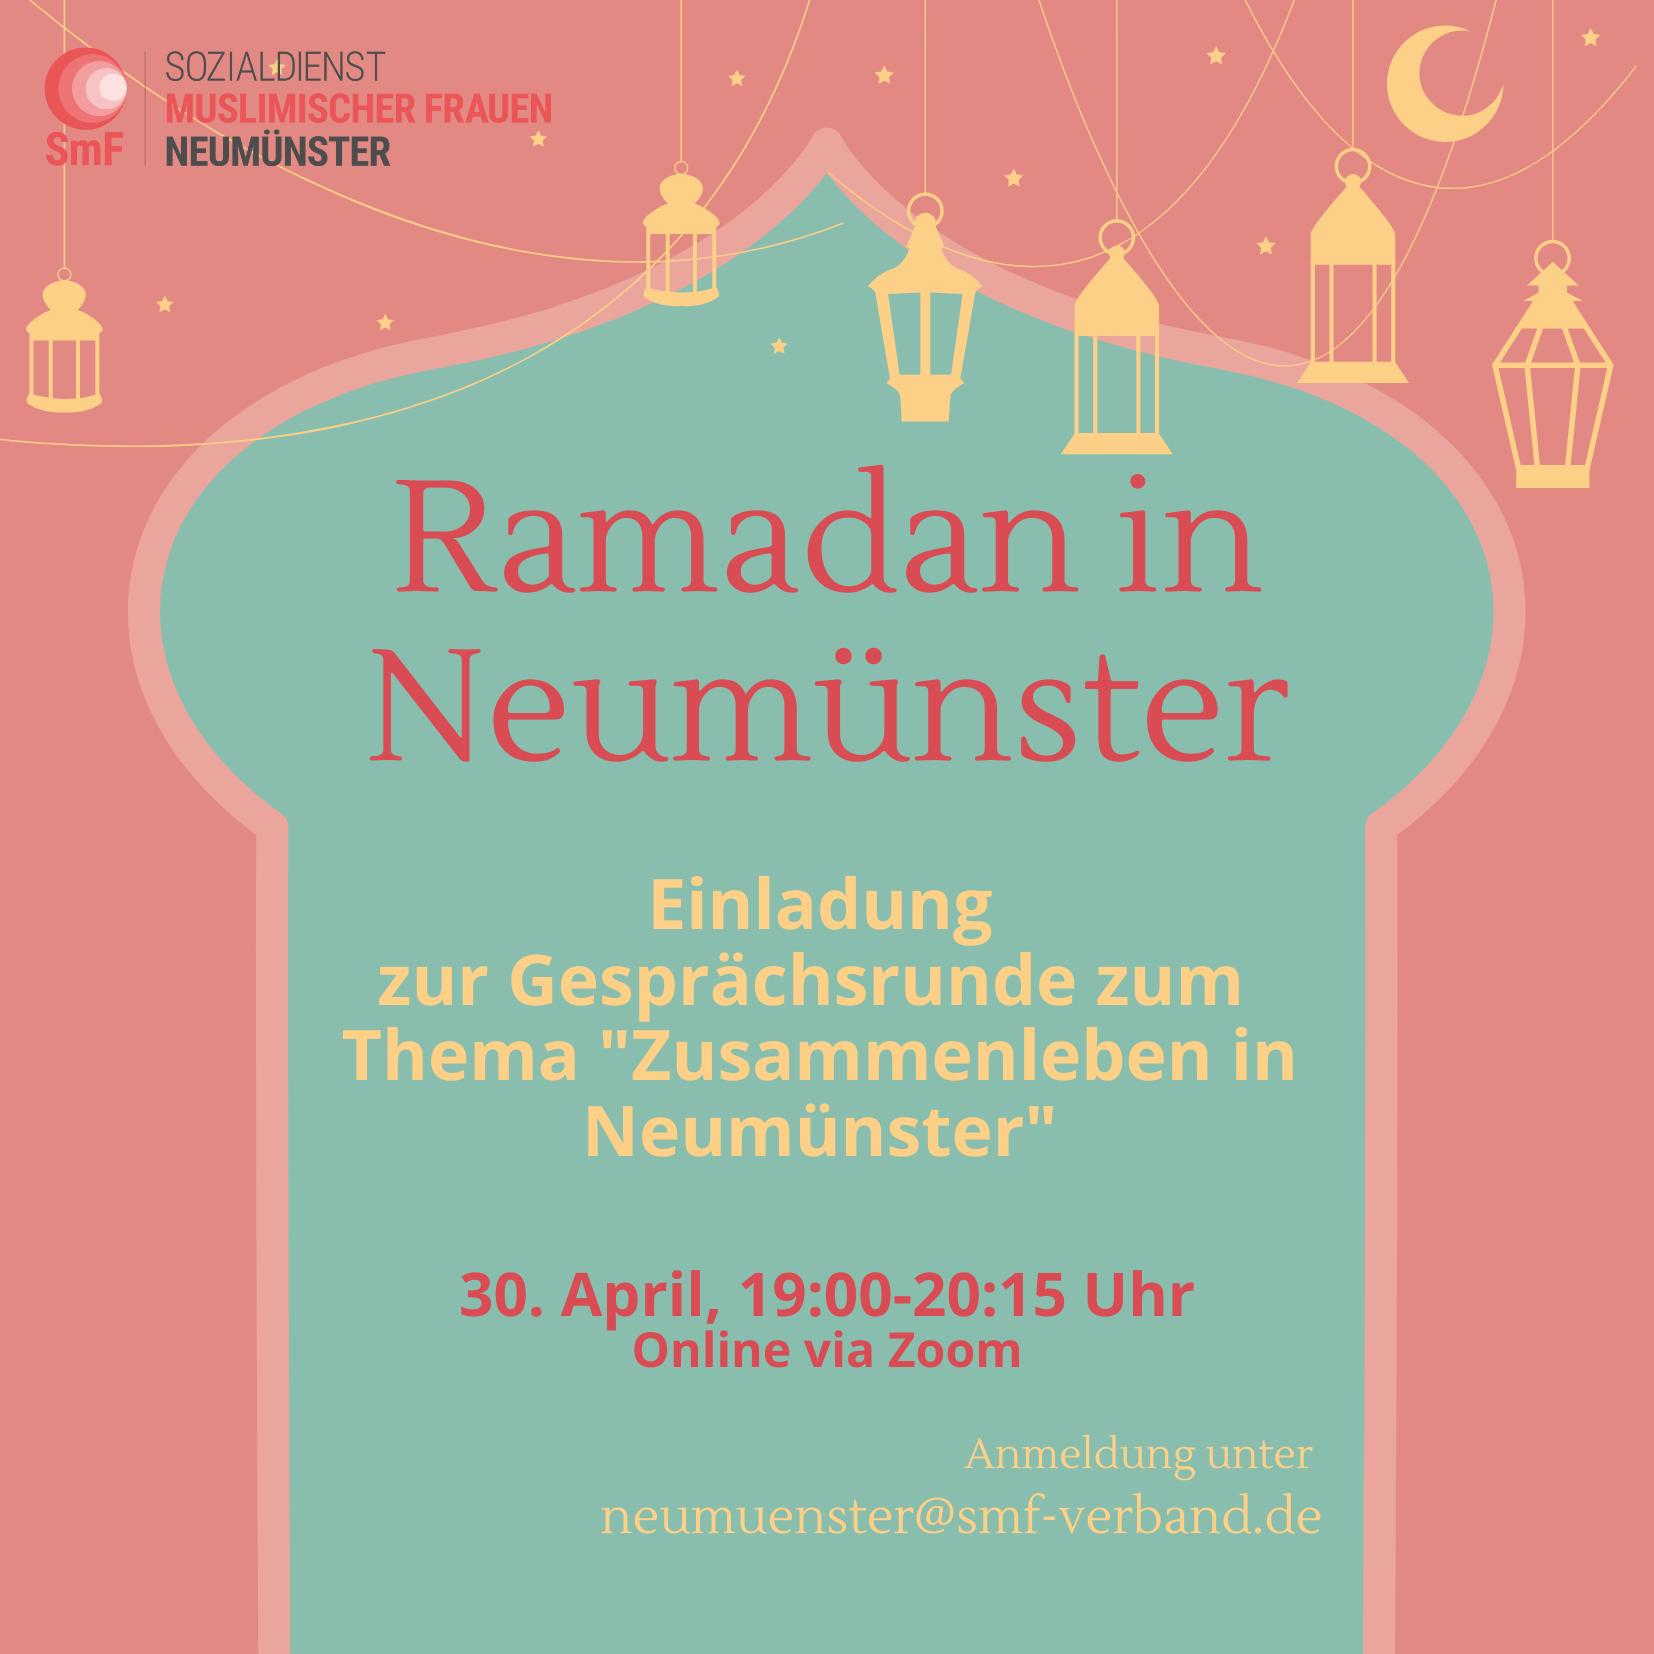 Ramadan in Neumünster – Podiumsdiskussion über das Zusammenleben in Neumünster